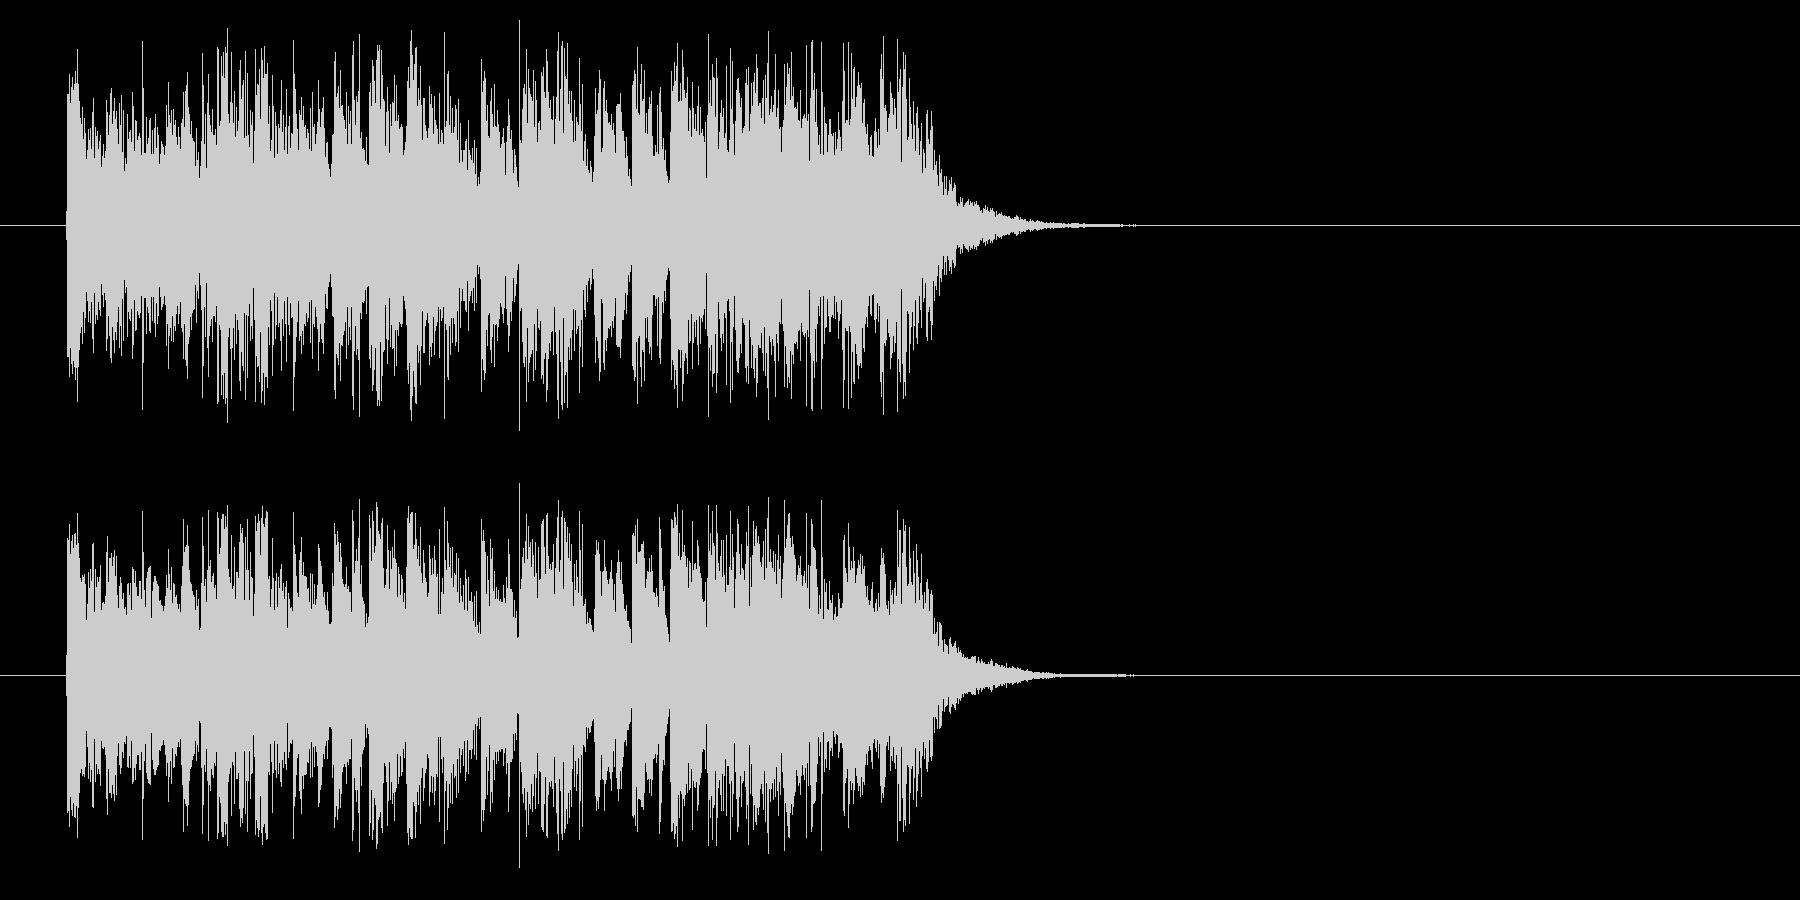 ジングル(それではVTRをどうぞ)の未再生の波形